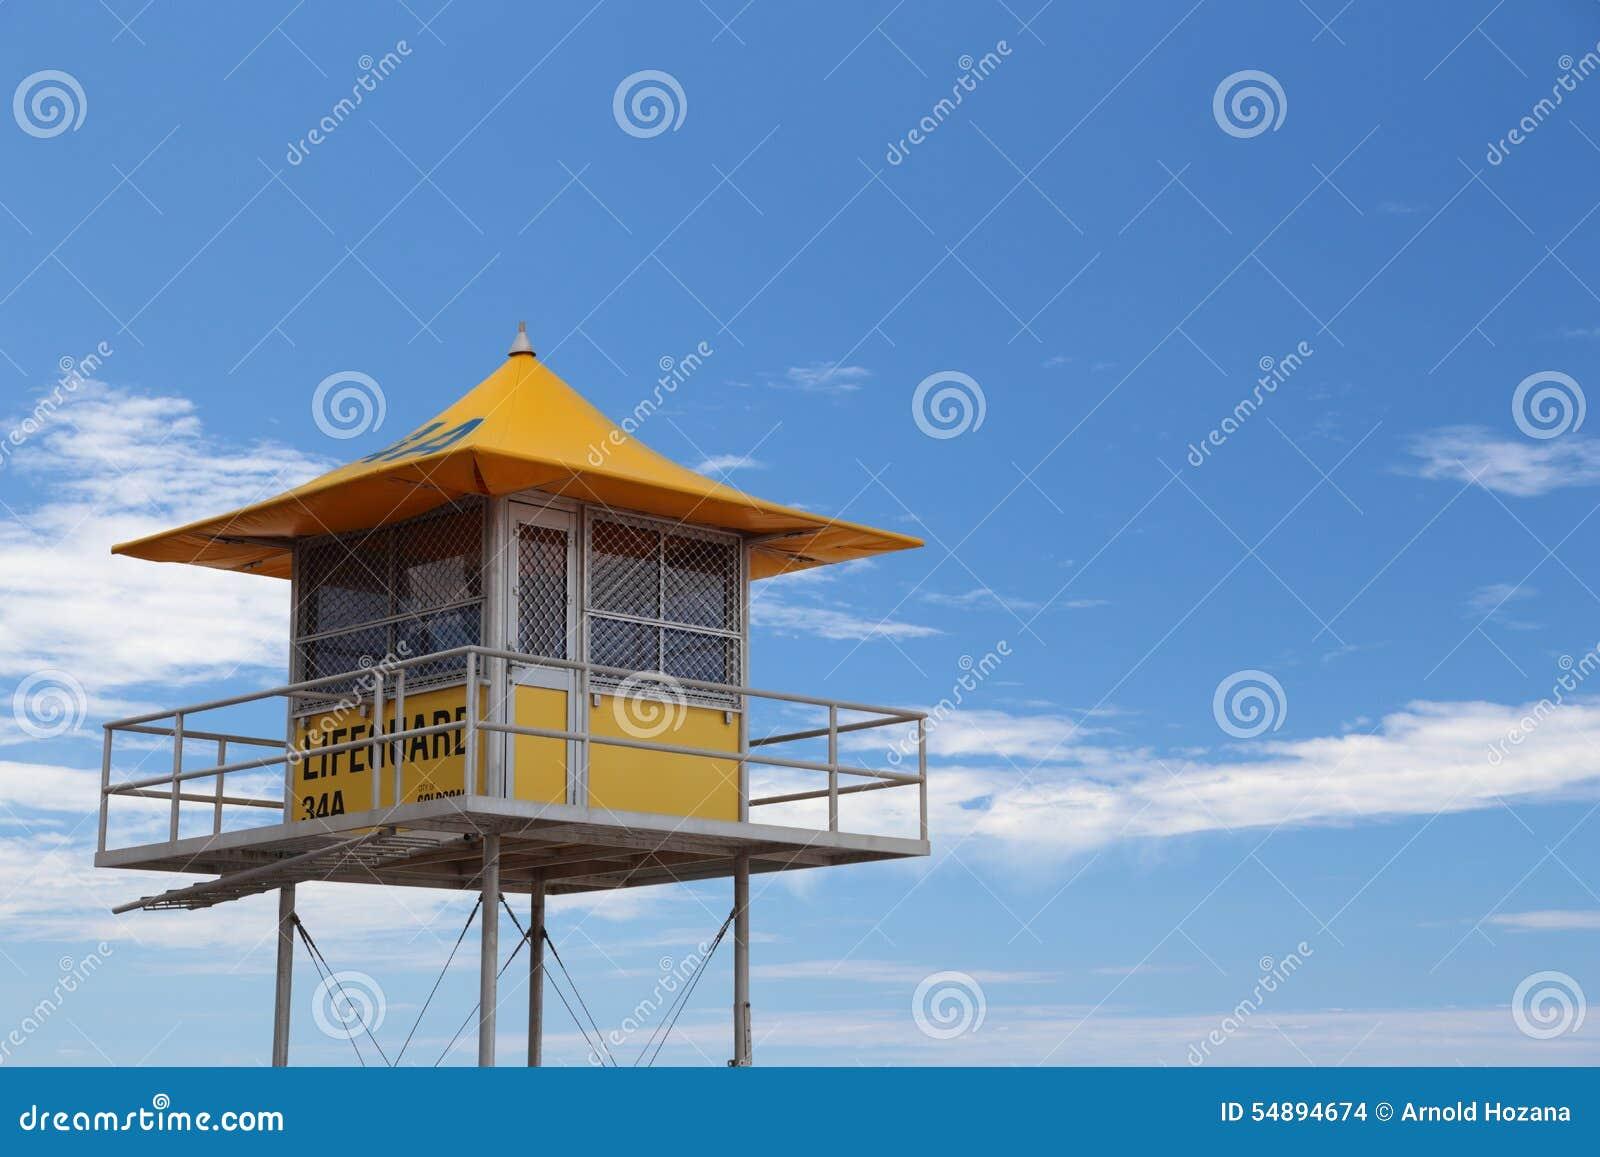 在英属黄金海岸的救生员小屋